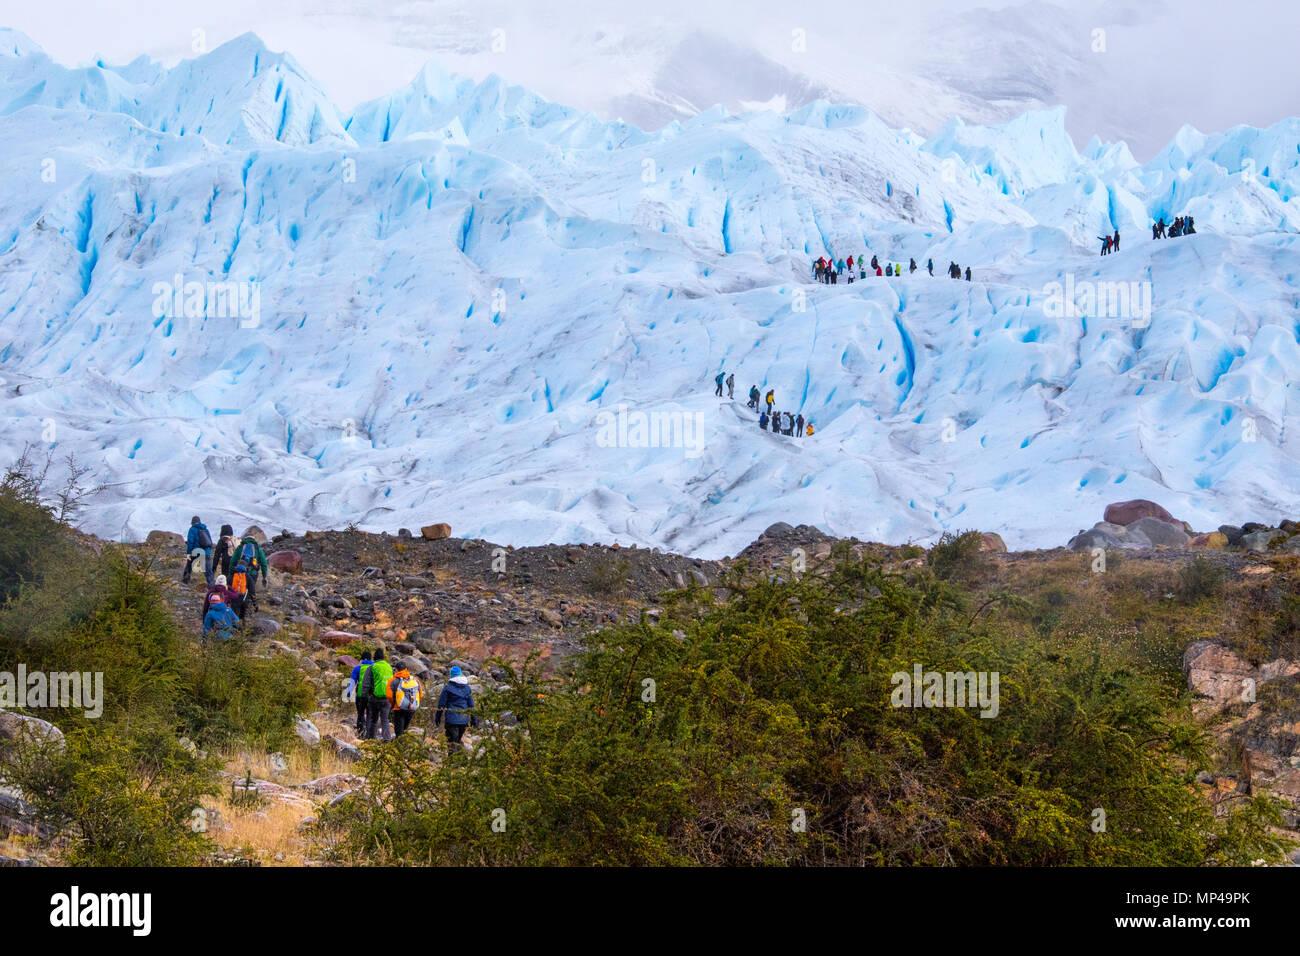 Trekking sur le glacier Perito Moreno, Parque Nacional Los Glaciares, Argentine Photo Stock